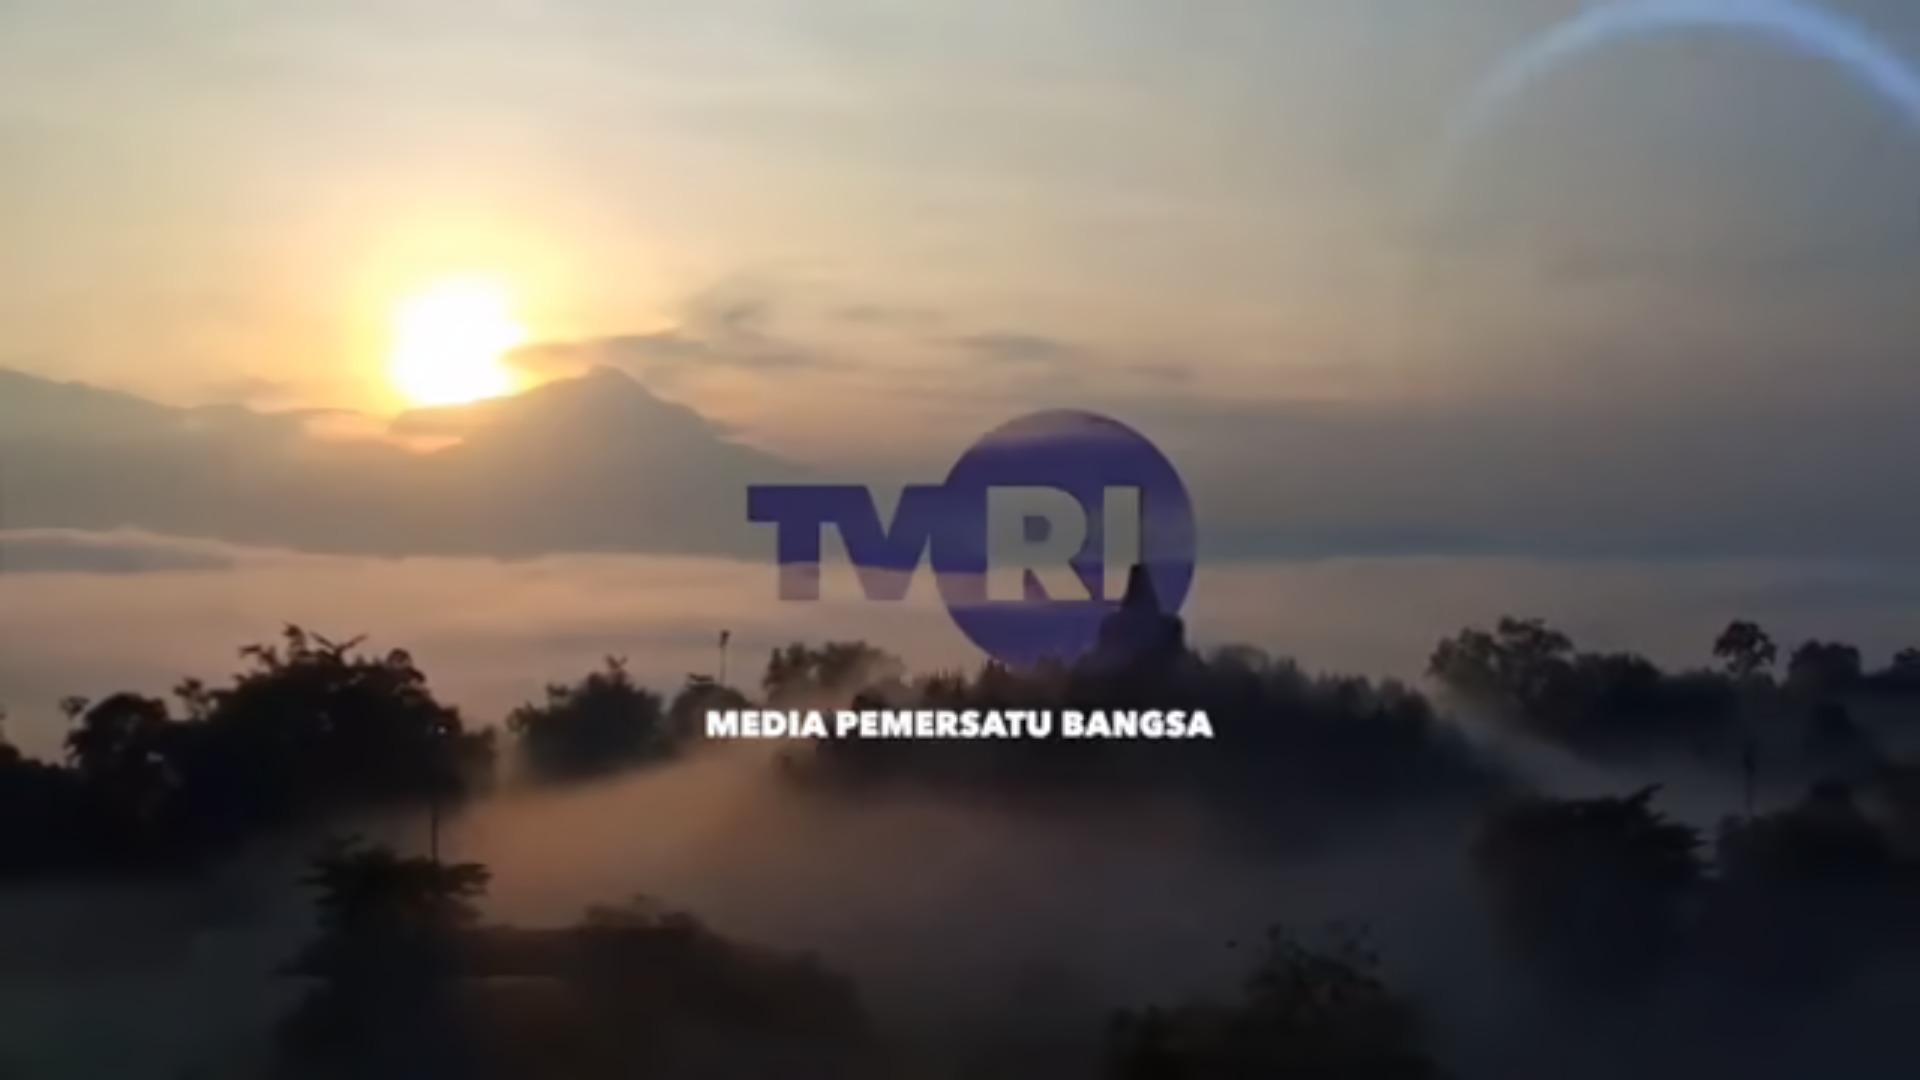 Cuplikan station ID TVRI Jawa Tengah.